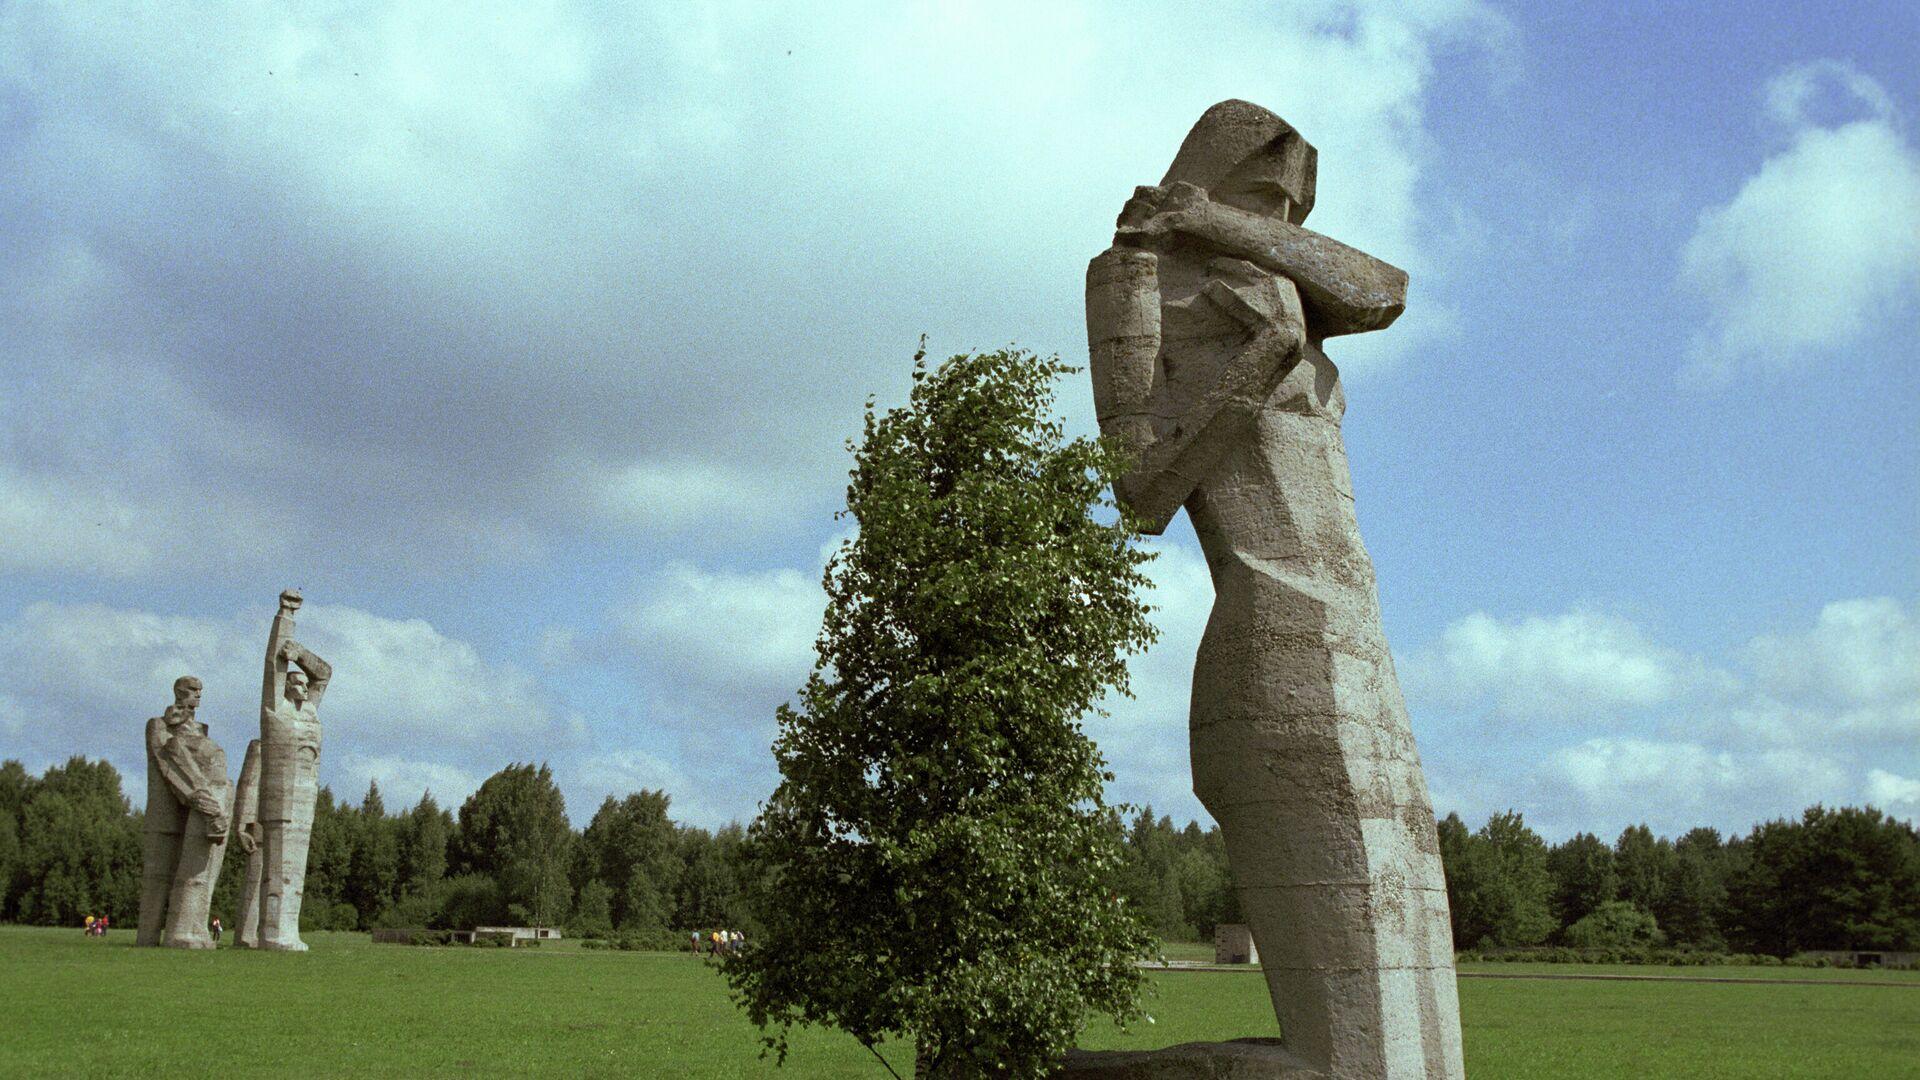 Gedenkstätte für die Opfer des Nationalsozialismus in Lettland (Archivbild) - SNA, 1920, 07.04.2021